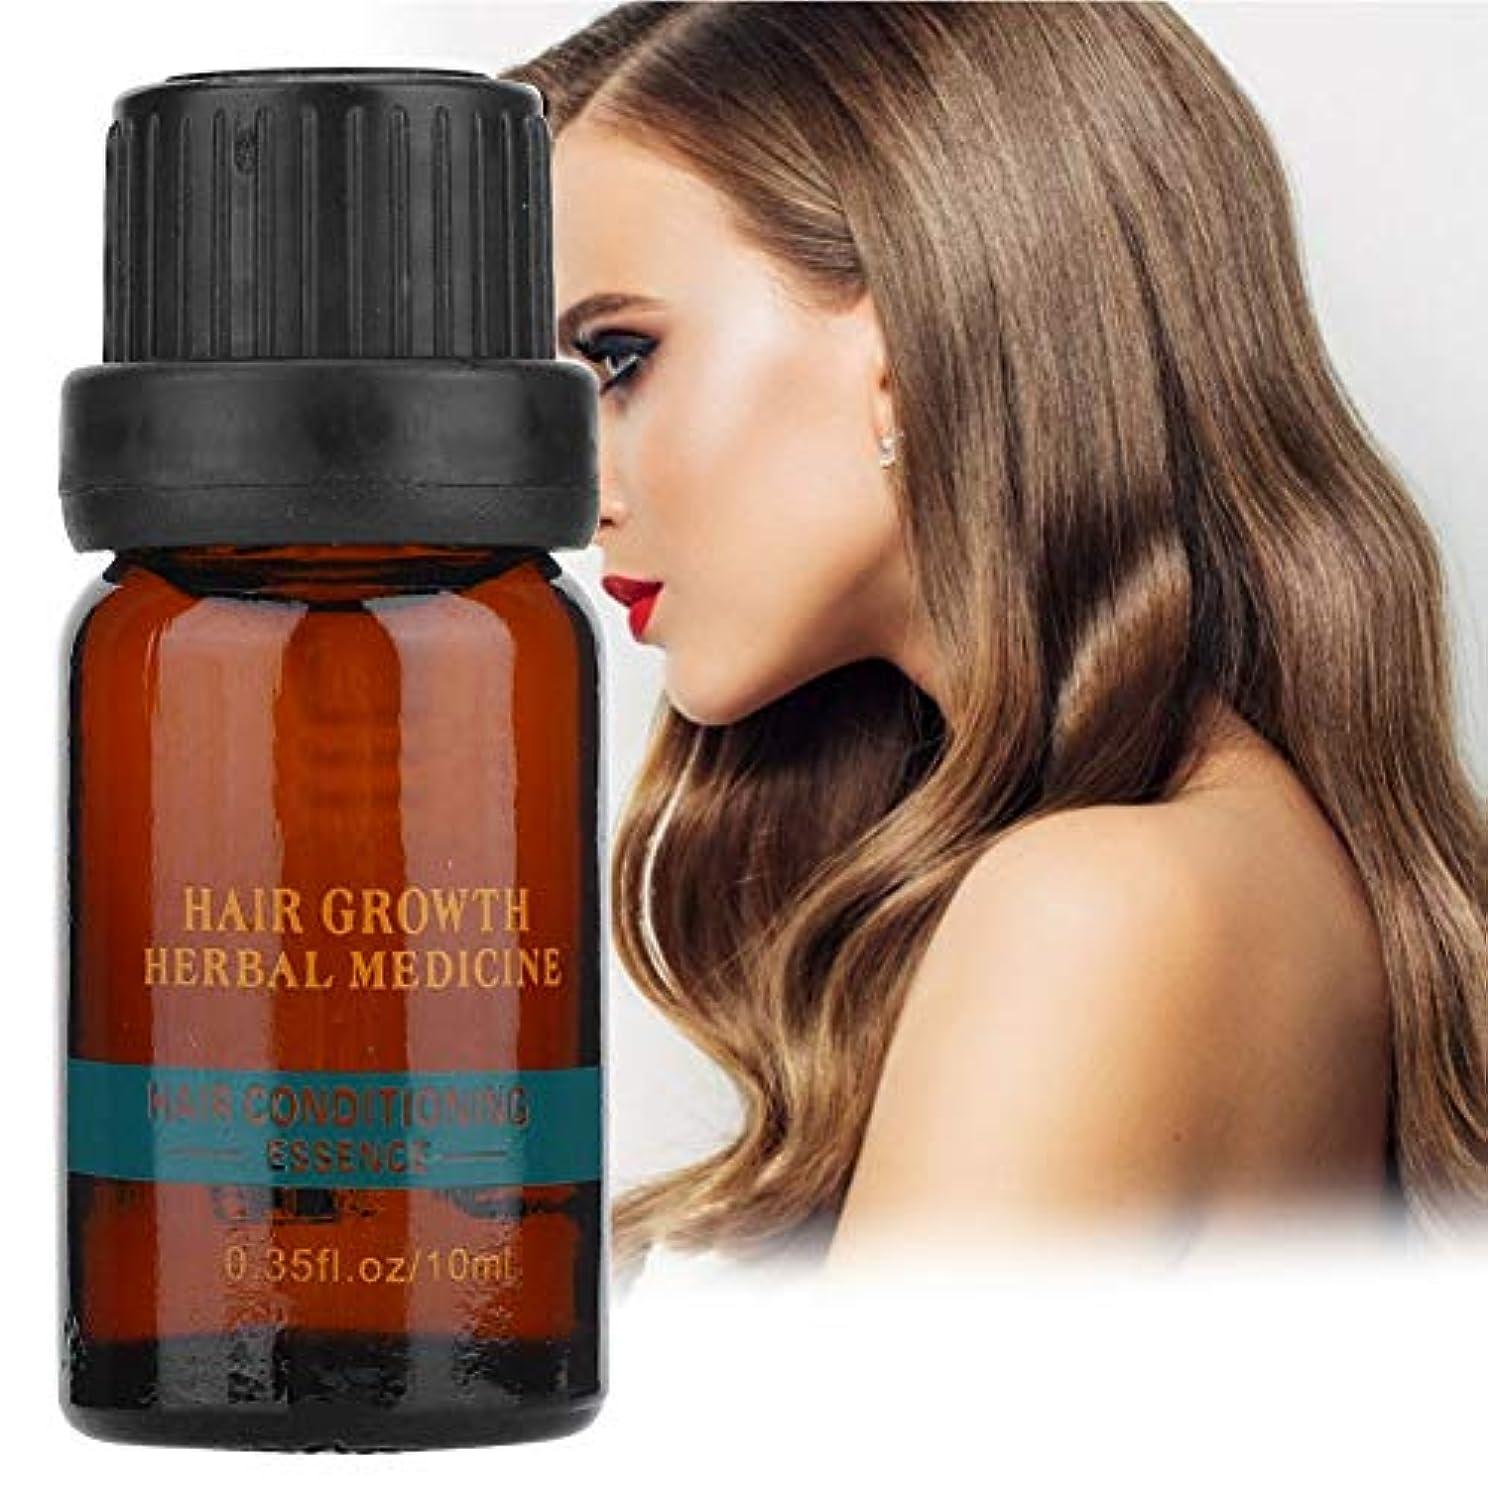 土器たくさんのソケットヘアケアセラム、脱毛液10ML天然植物エキスヘアケア栄養セラムヘアコンディショニング育毛セラム